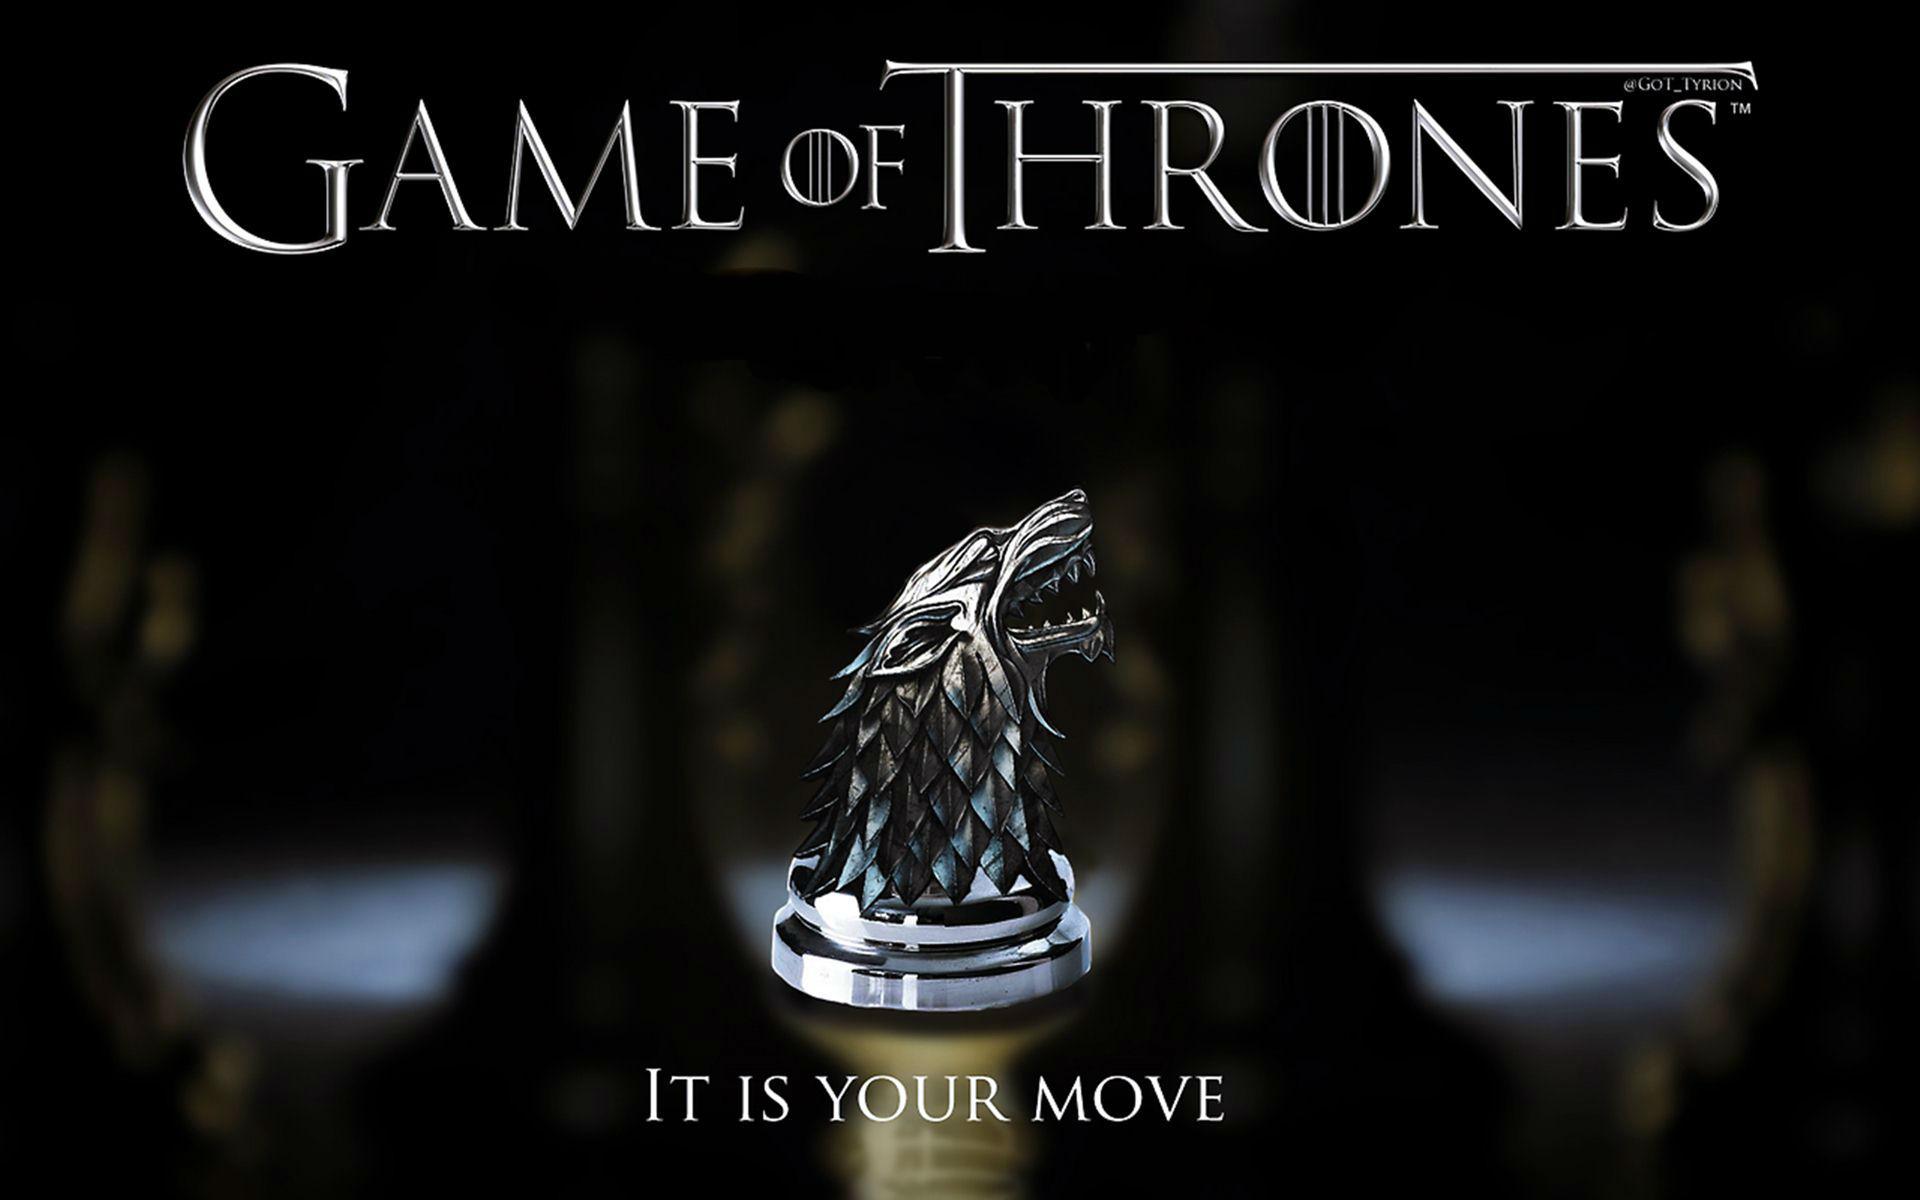 Spiel der Throne, Staffel 6, Spoiler Alert! wagen zu lesen!!!!!